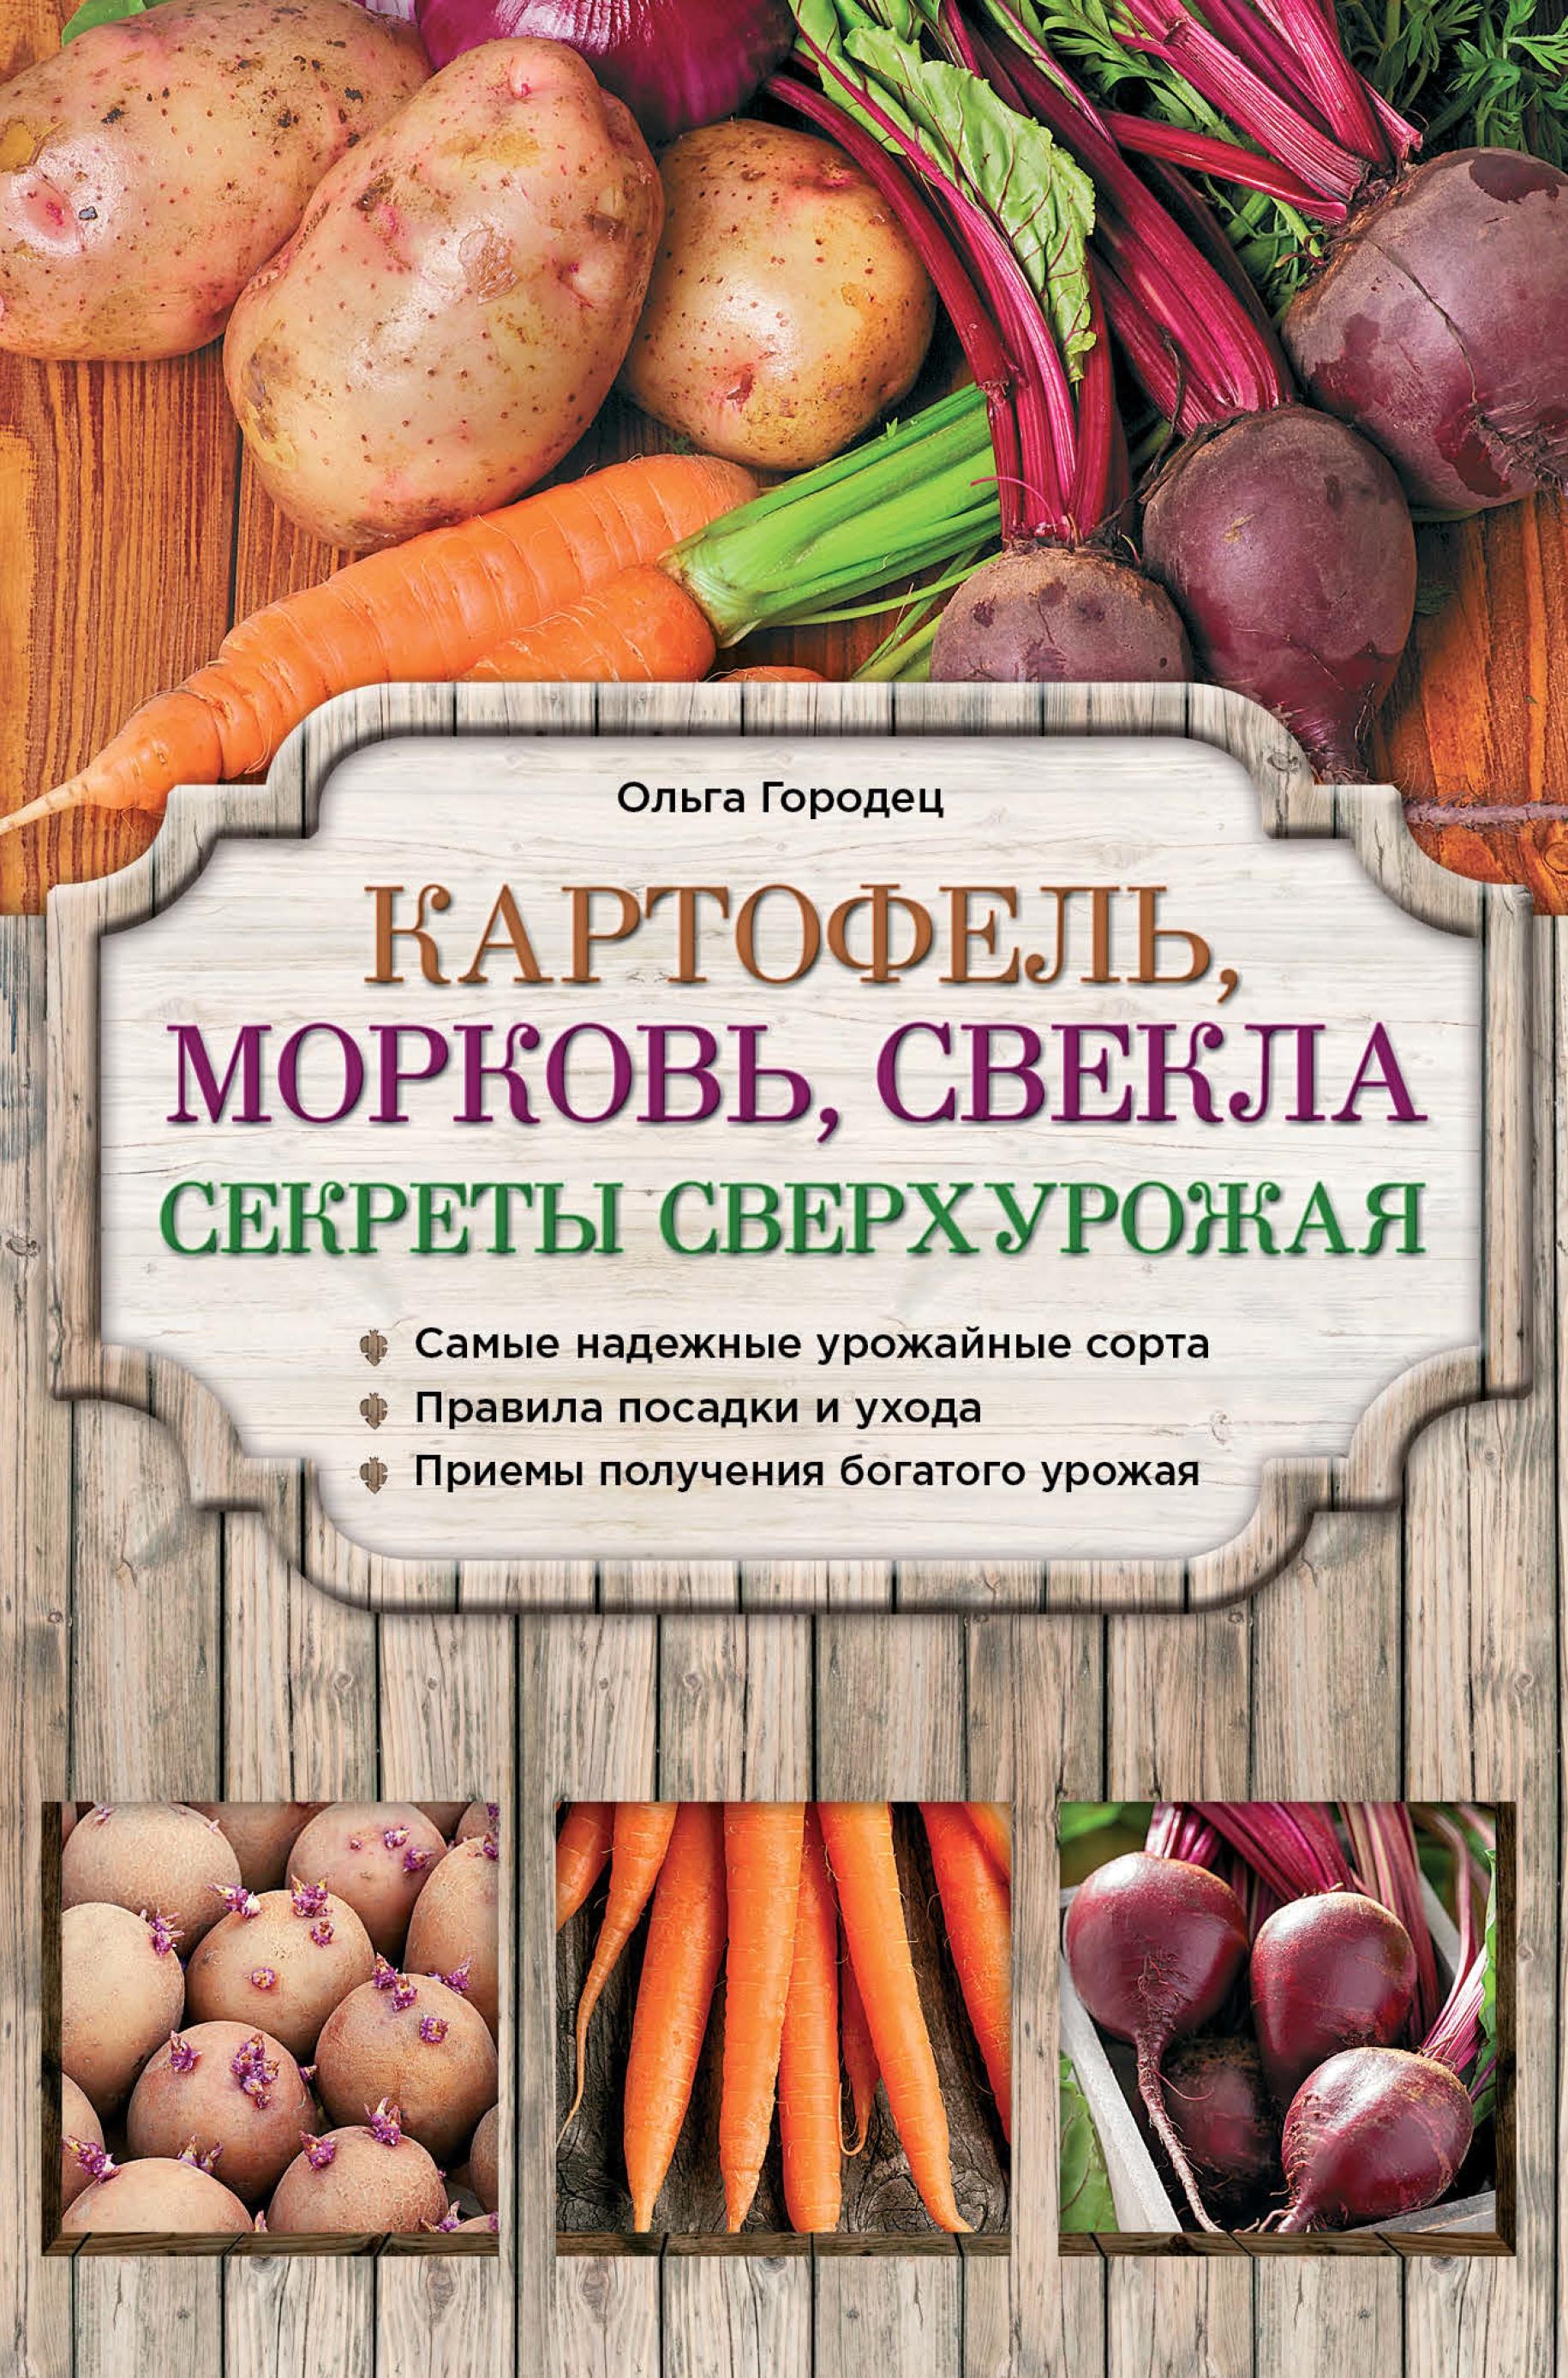 Ольга Городец Картофель, морковь, свекла. Секреты сверхурожая анна белякова картофель морковь свекла